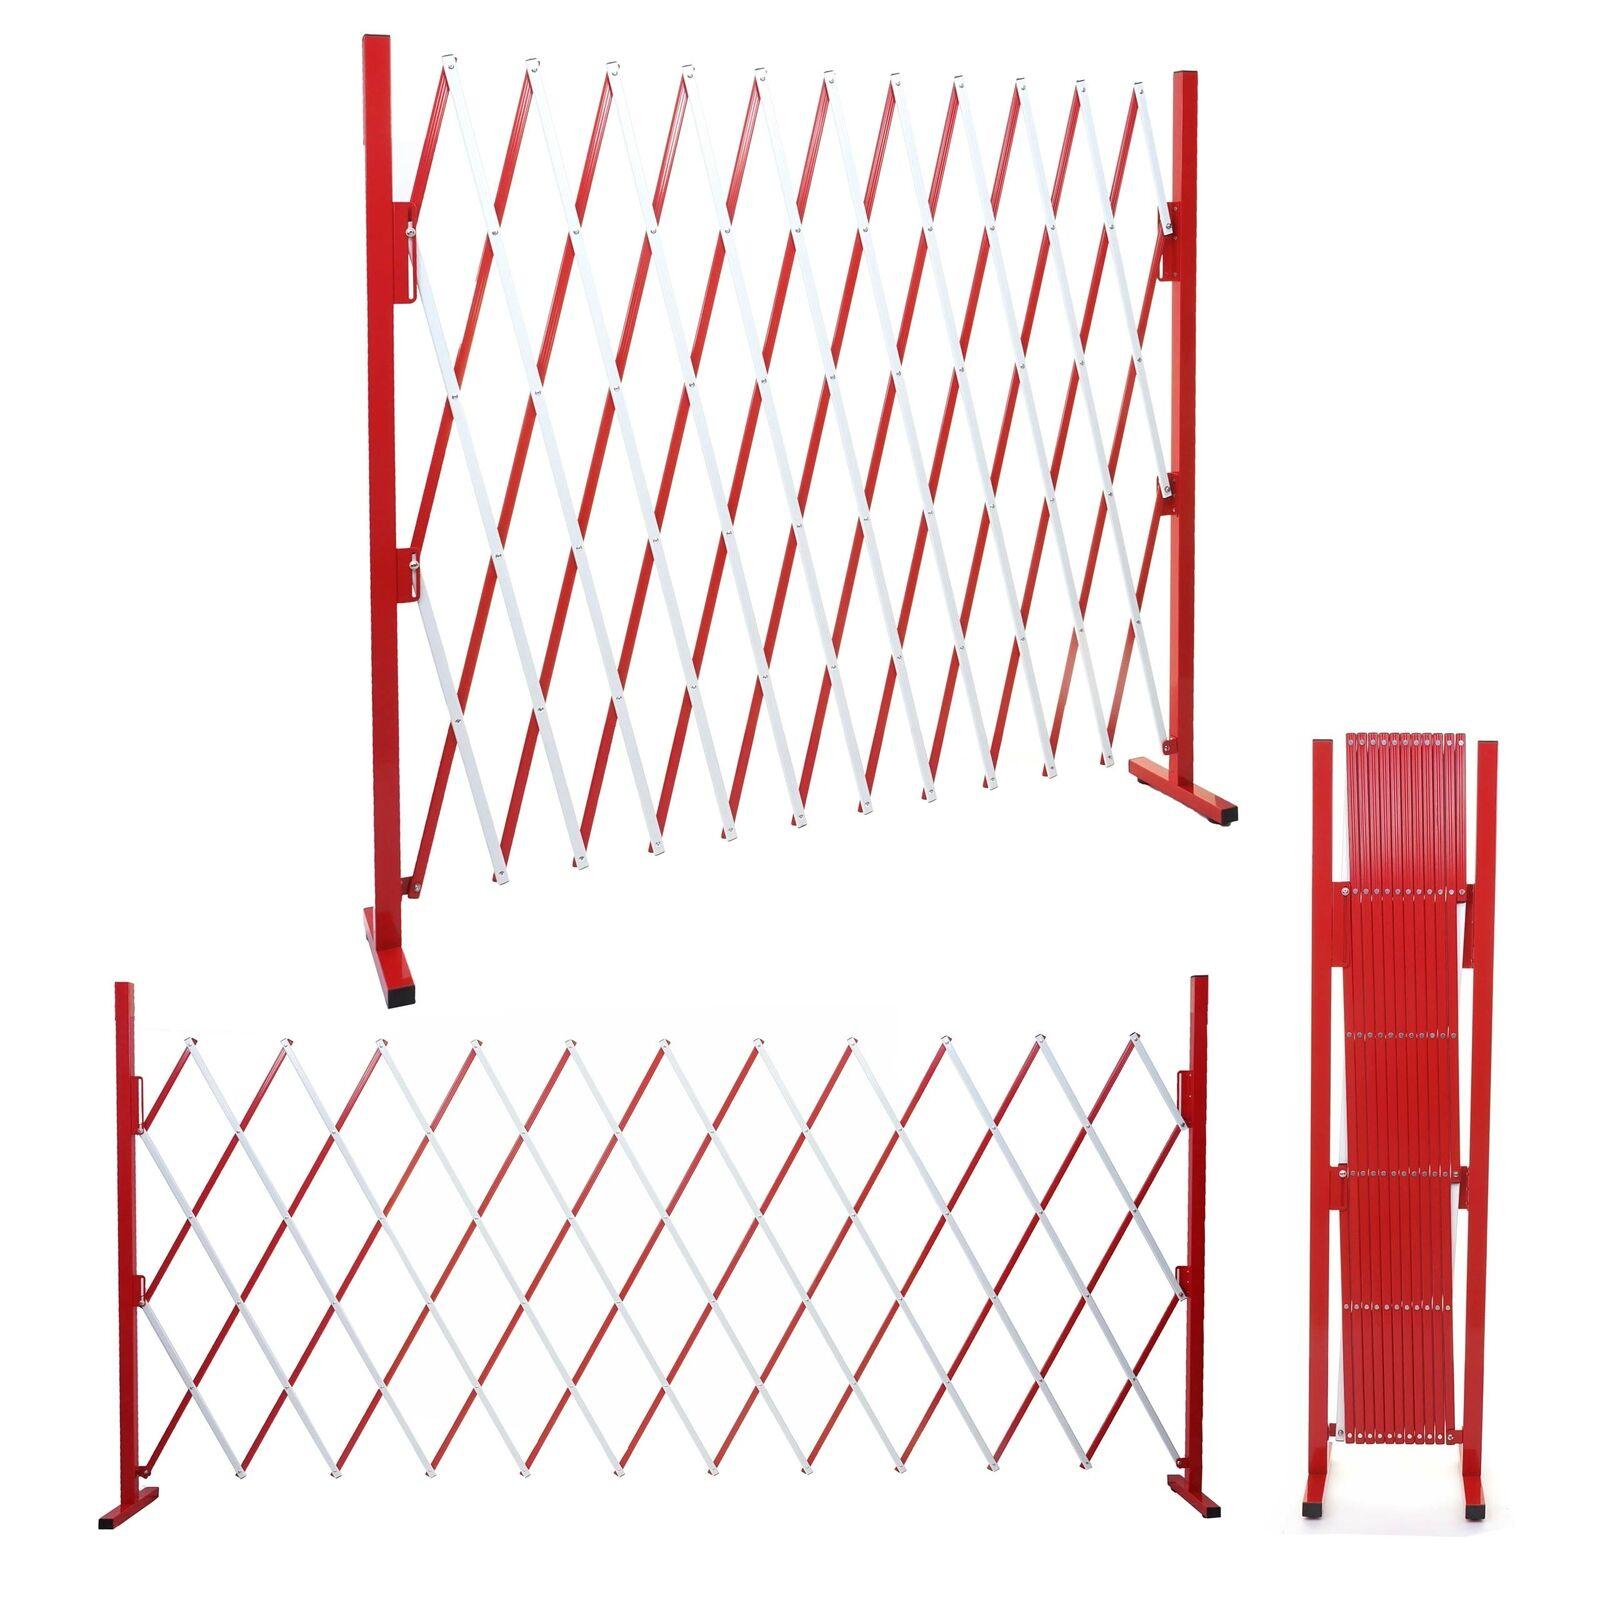 Absperrgitter HWC-B34, ausziehbar, Alu rot-weiß, Höhe 153cm, Breite 36-300cm